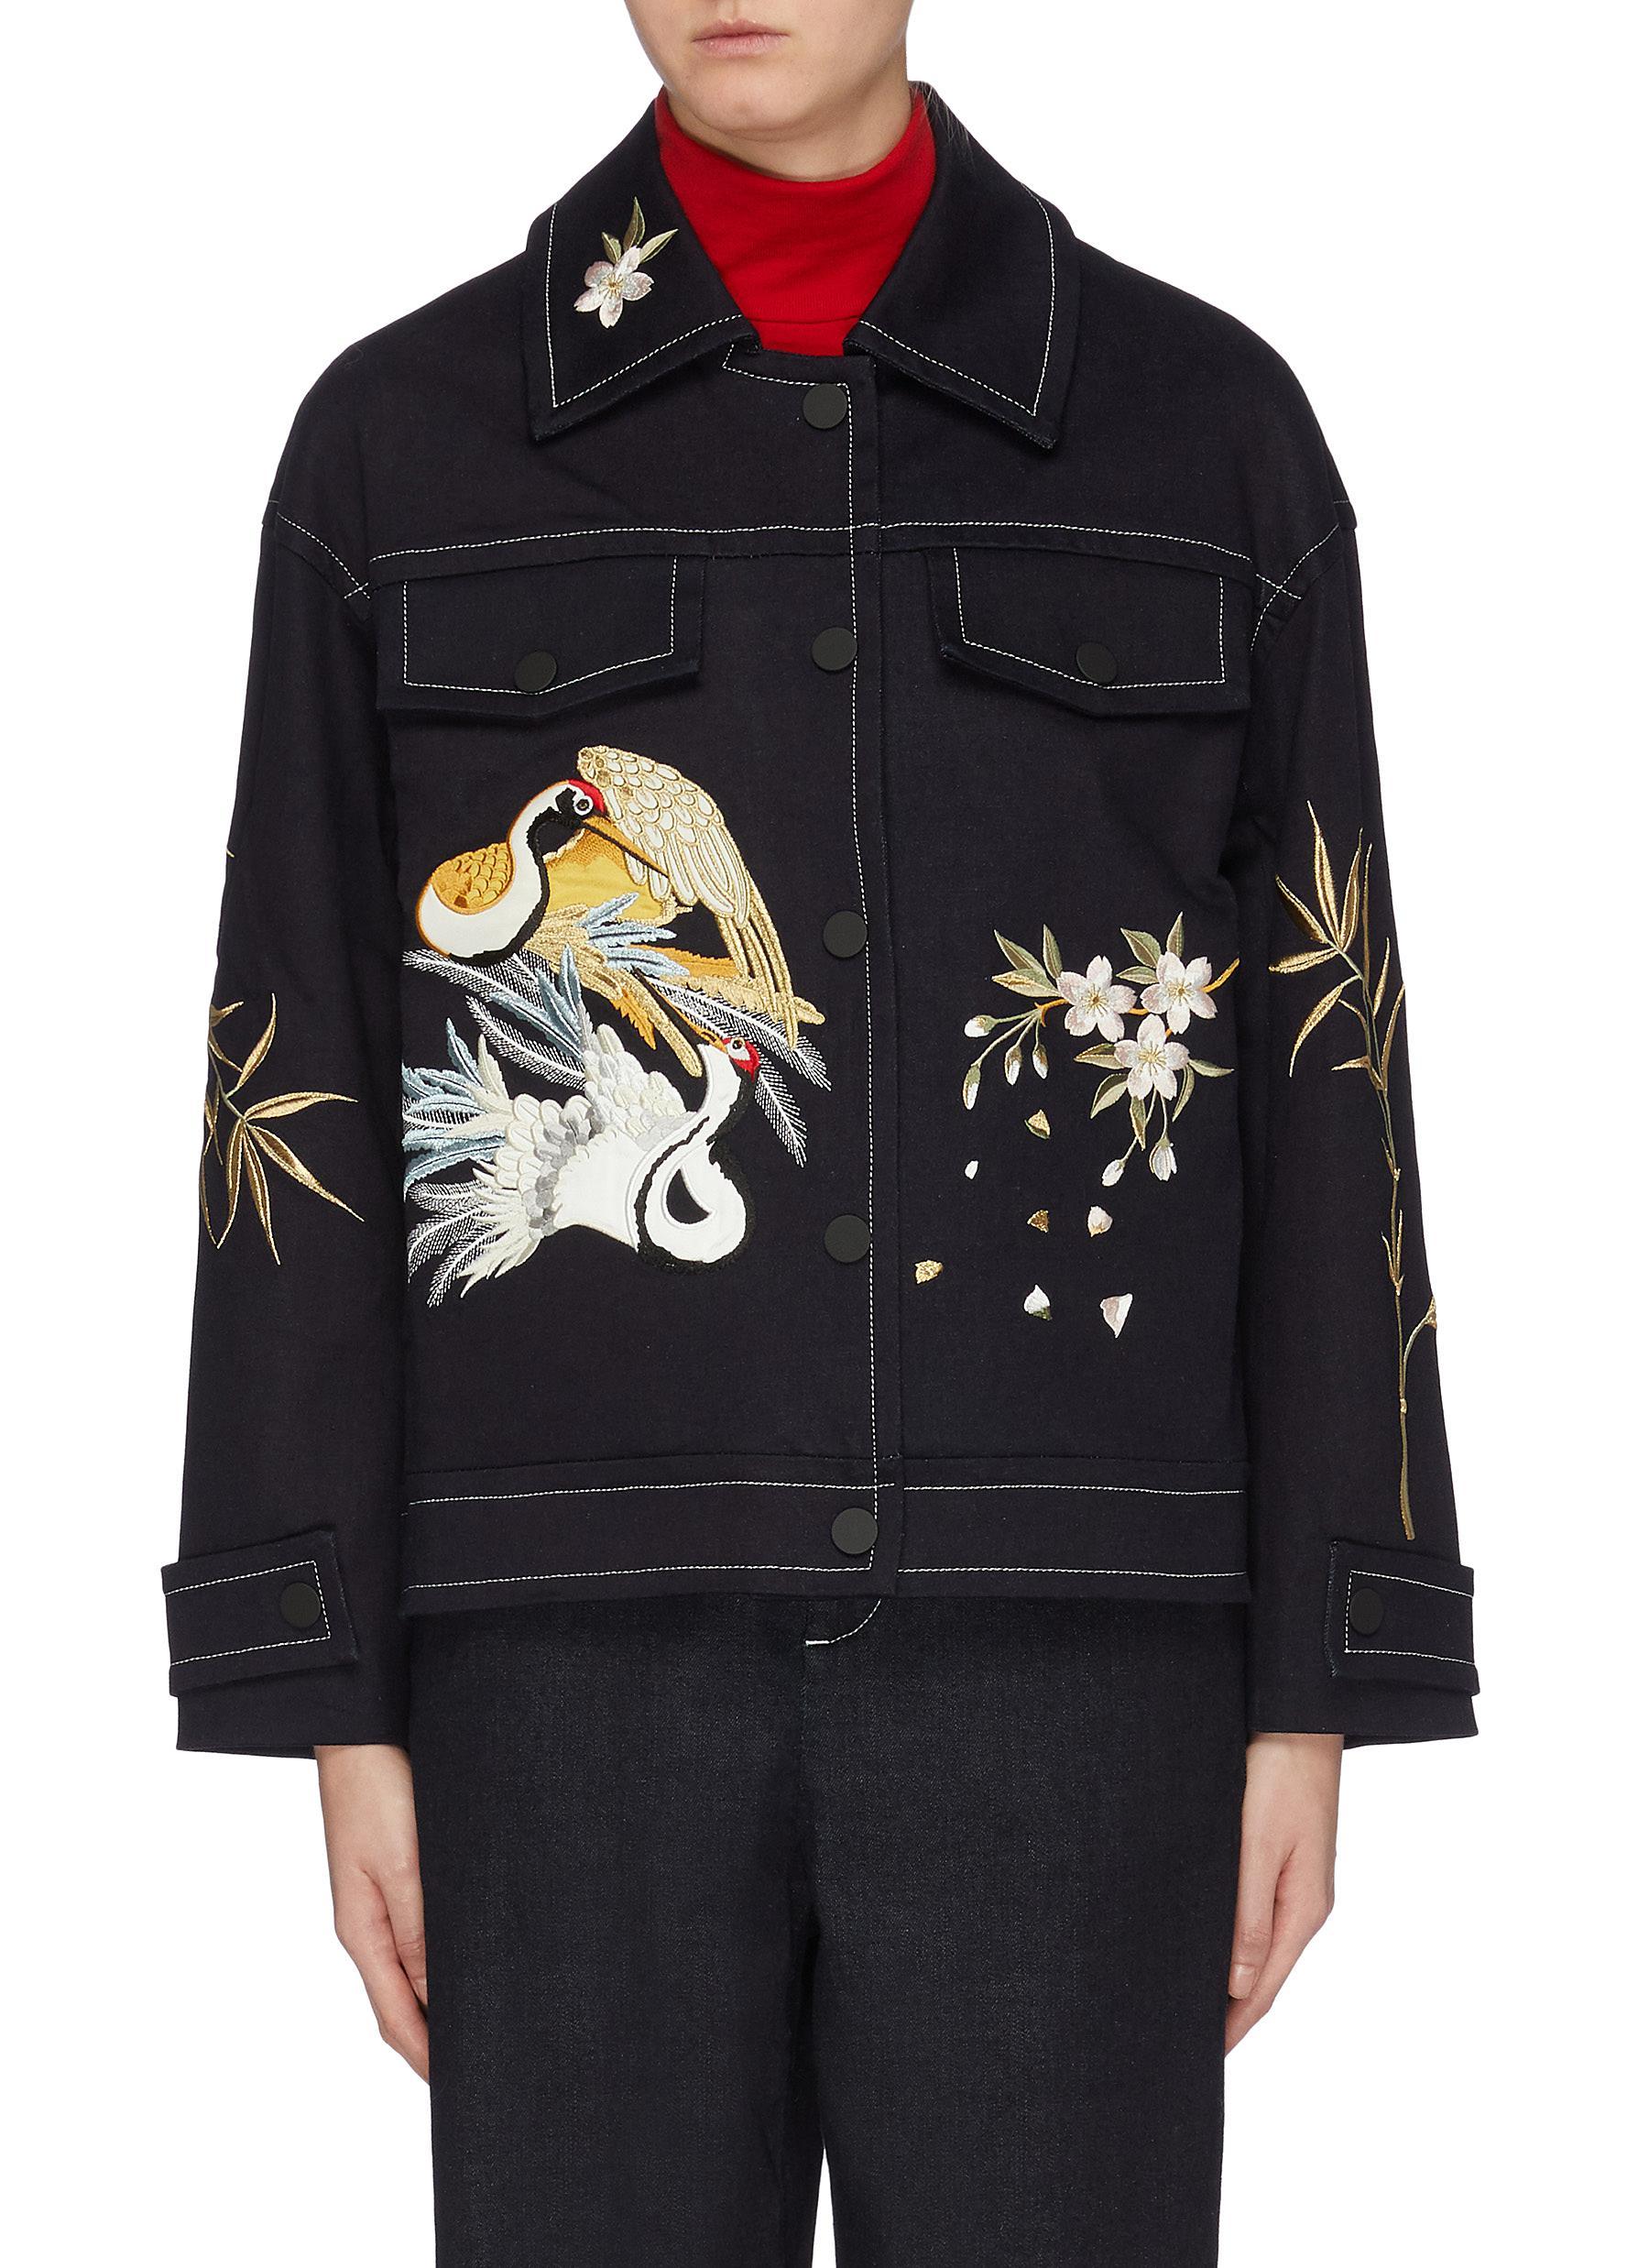 Crane embroidered denim jacket by Angel Chen